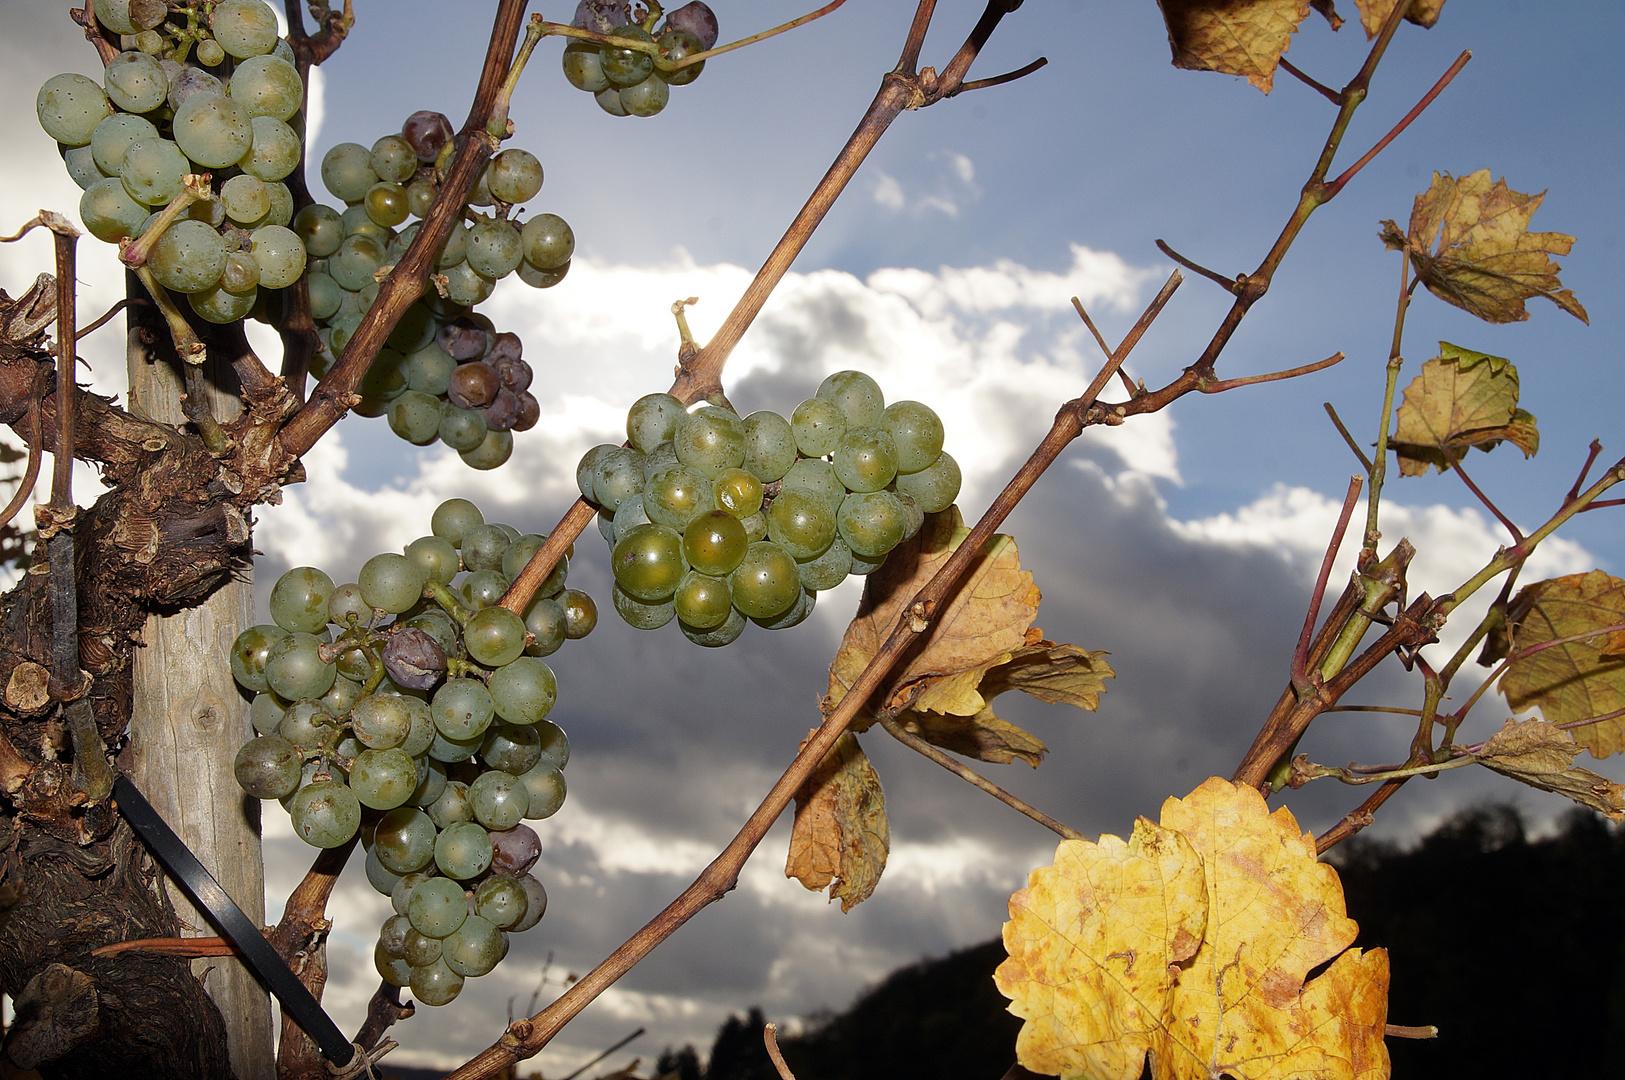 Weinlese 04/04 - Alter Stamm mit süßen Früchten